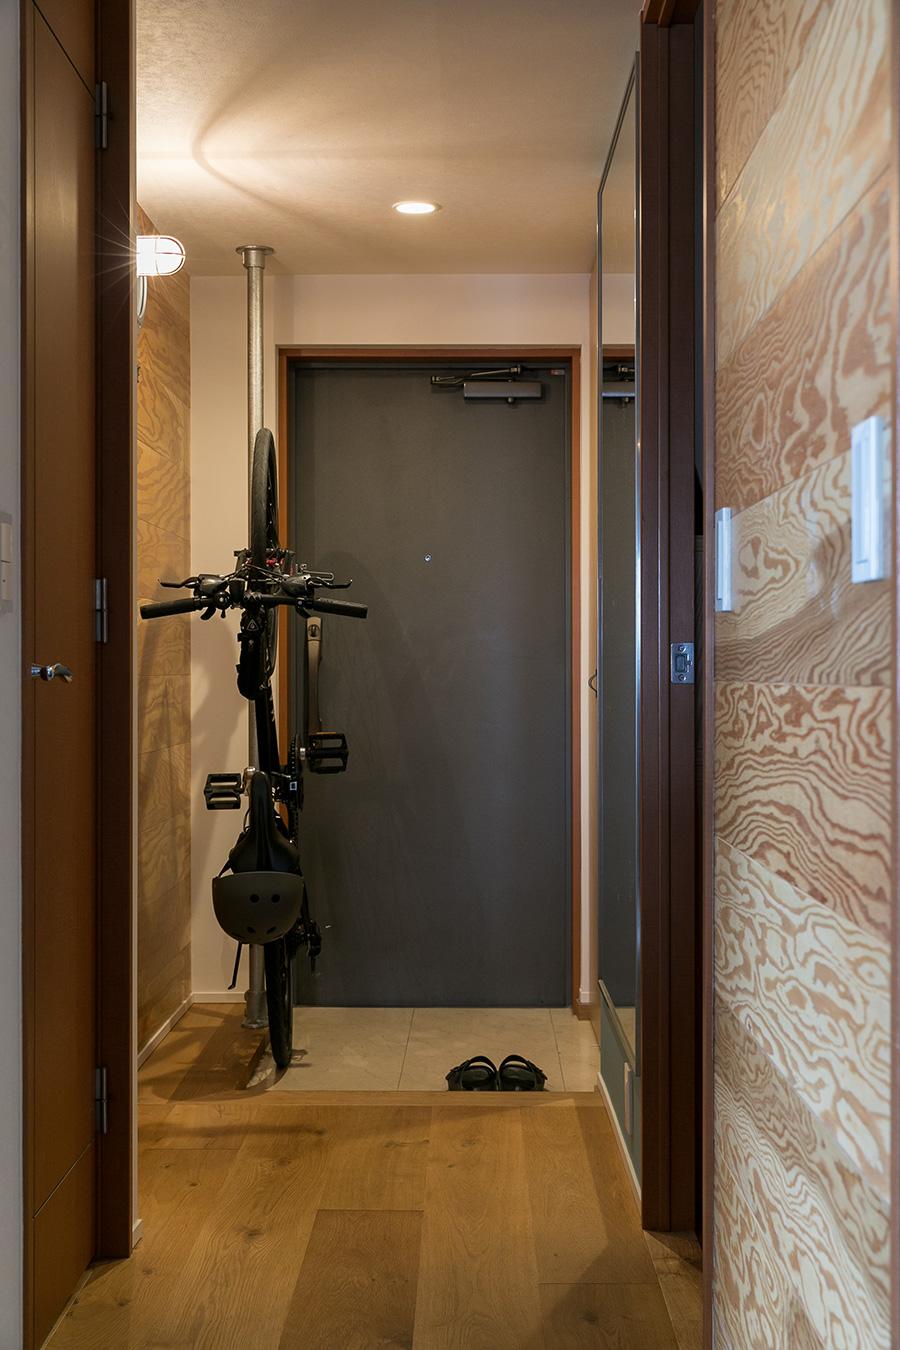 玄関左側の壁を奥に移動し、自転車のハンドルが収まるスペースを確保した。